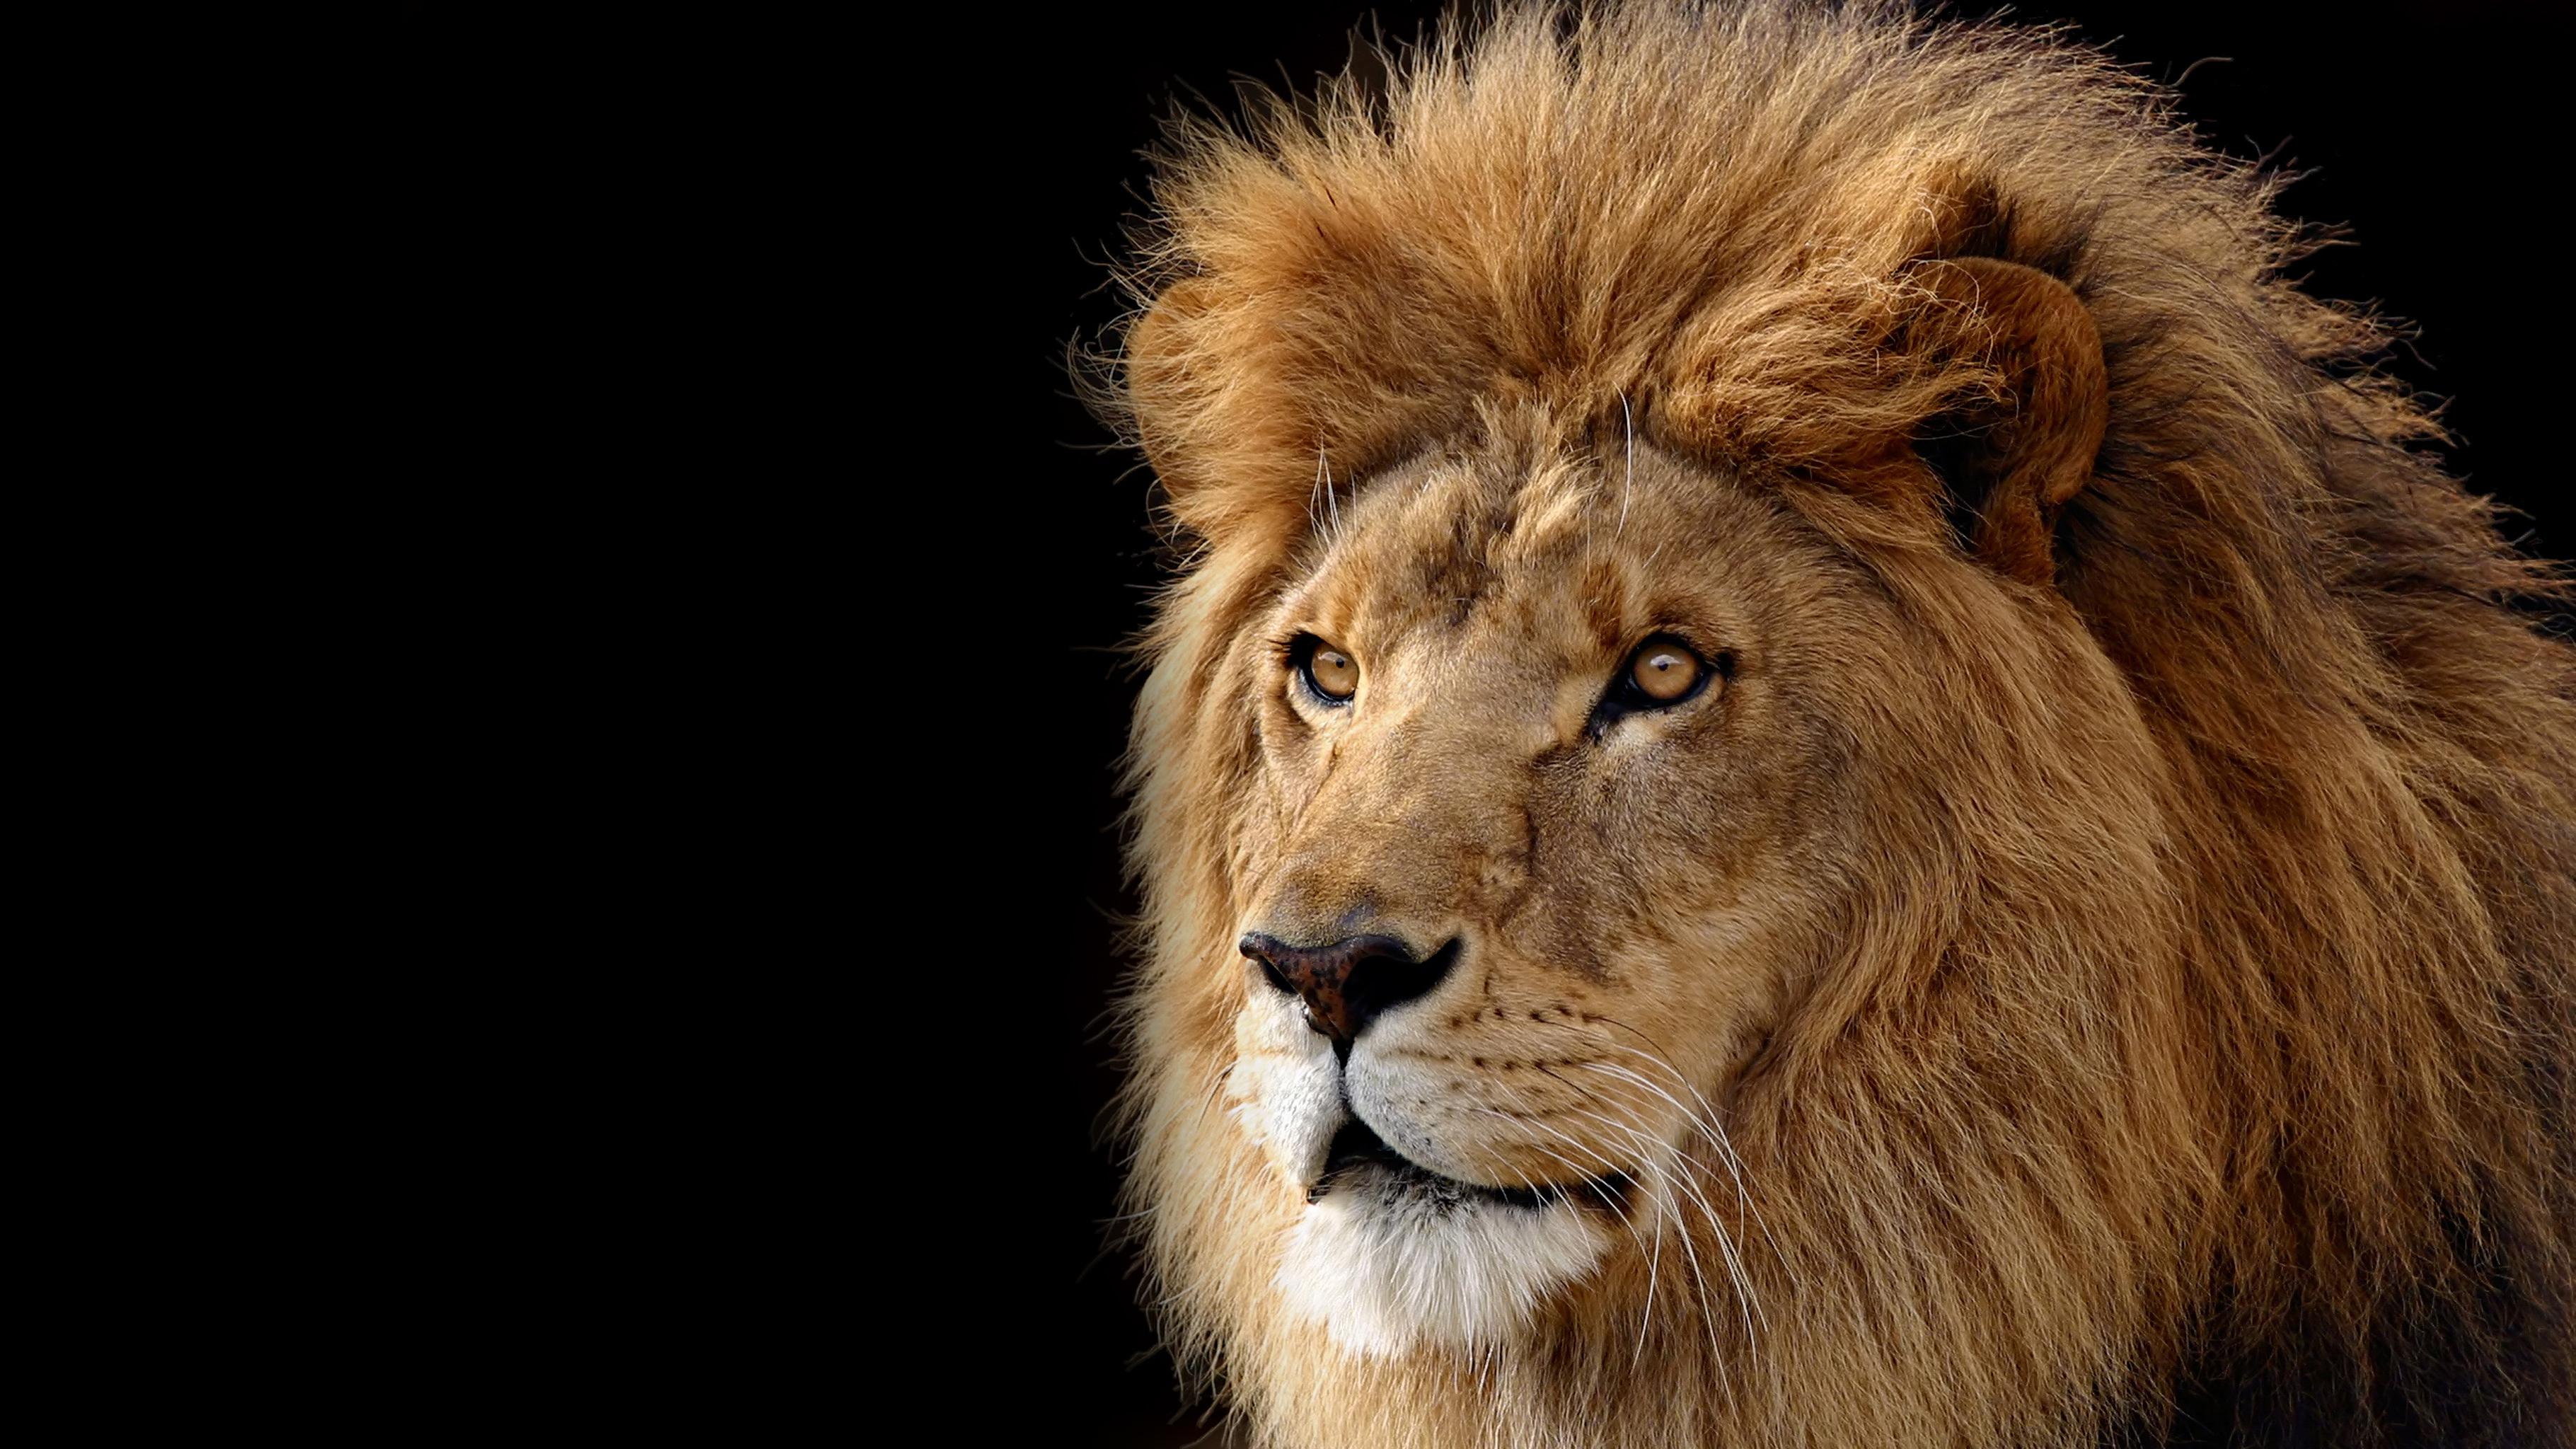 Mac OS X 10.7 Lion 默认壁纸下载